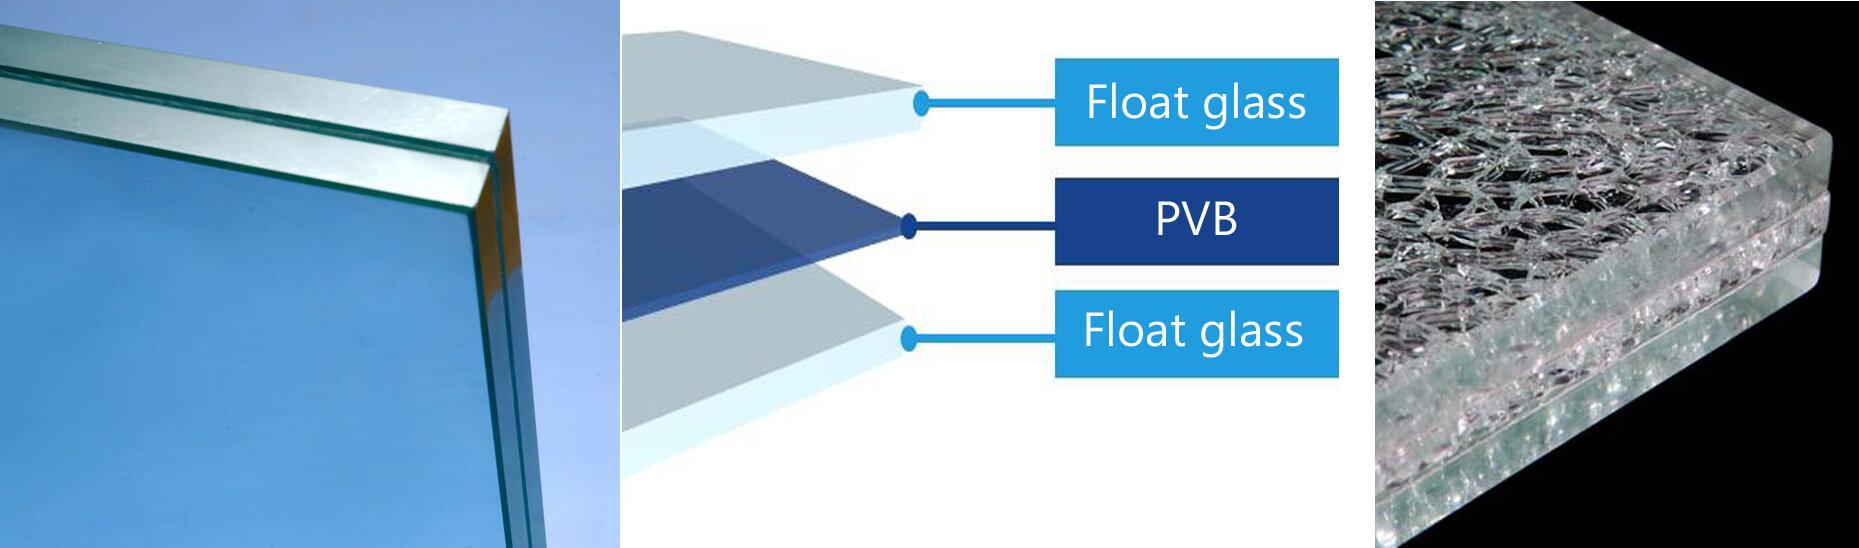 Die Struktur von Verbundglas wird durch die Dicke der Glasscheiben und der Zwischenfolie bestimmt